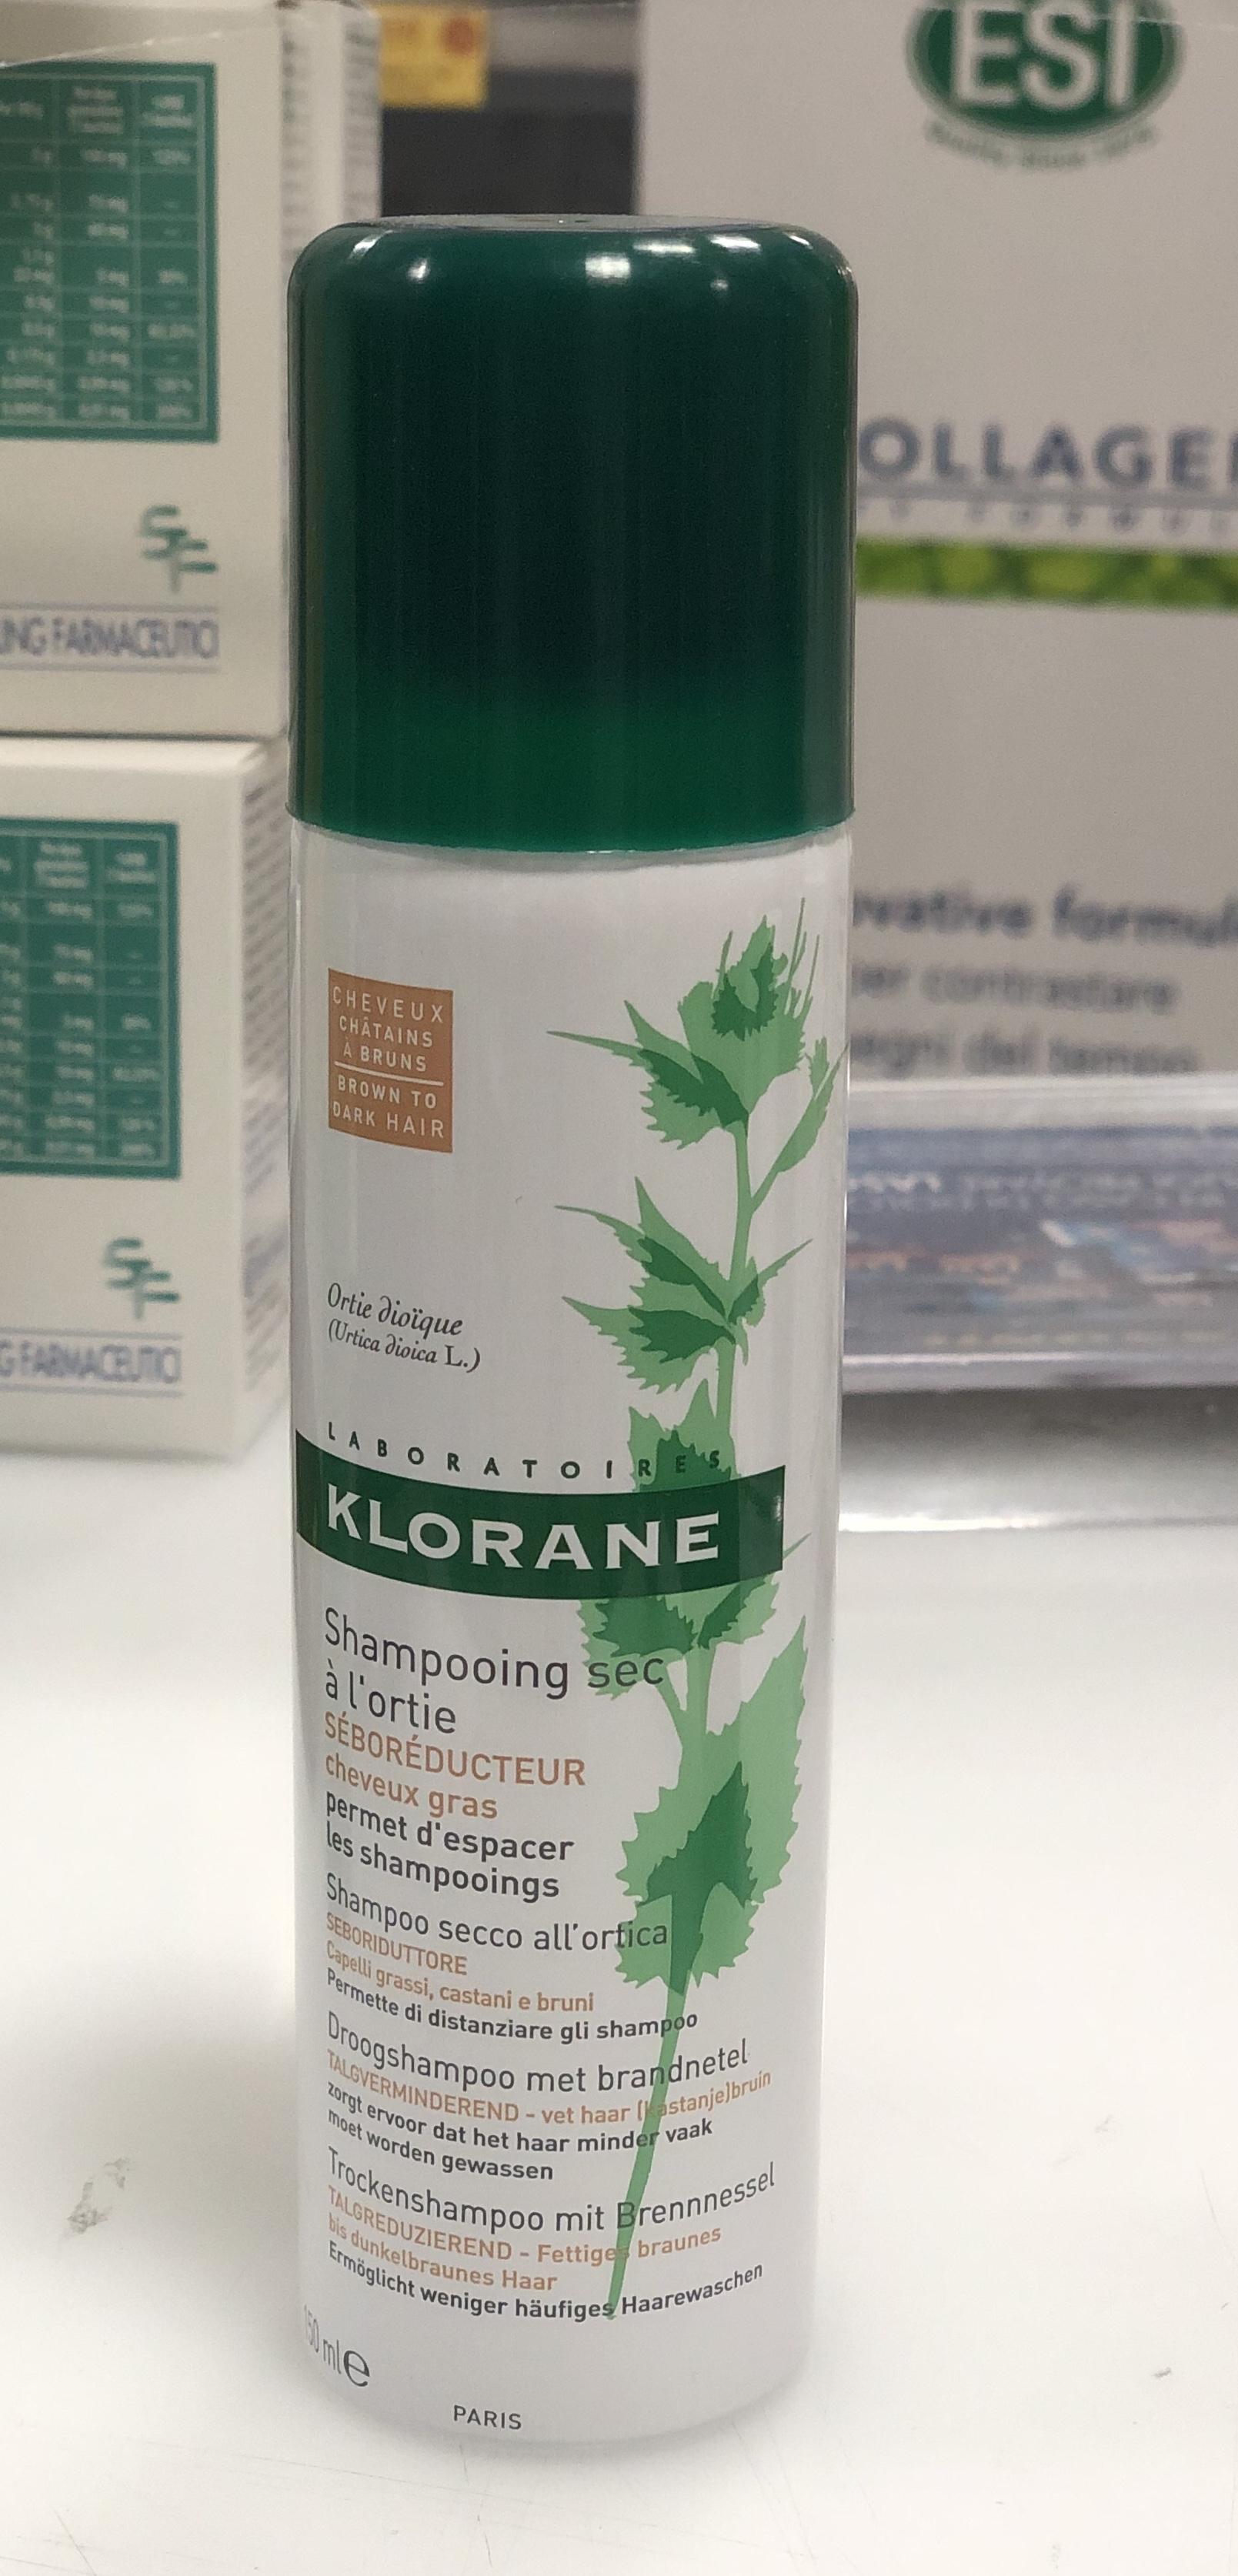 Klorane shampoo secco ortica capelli grassi castani e bruni 150 ml